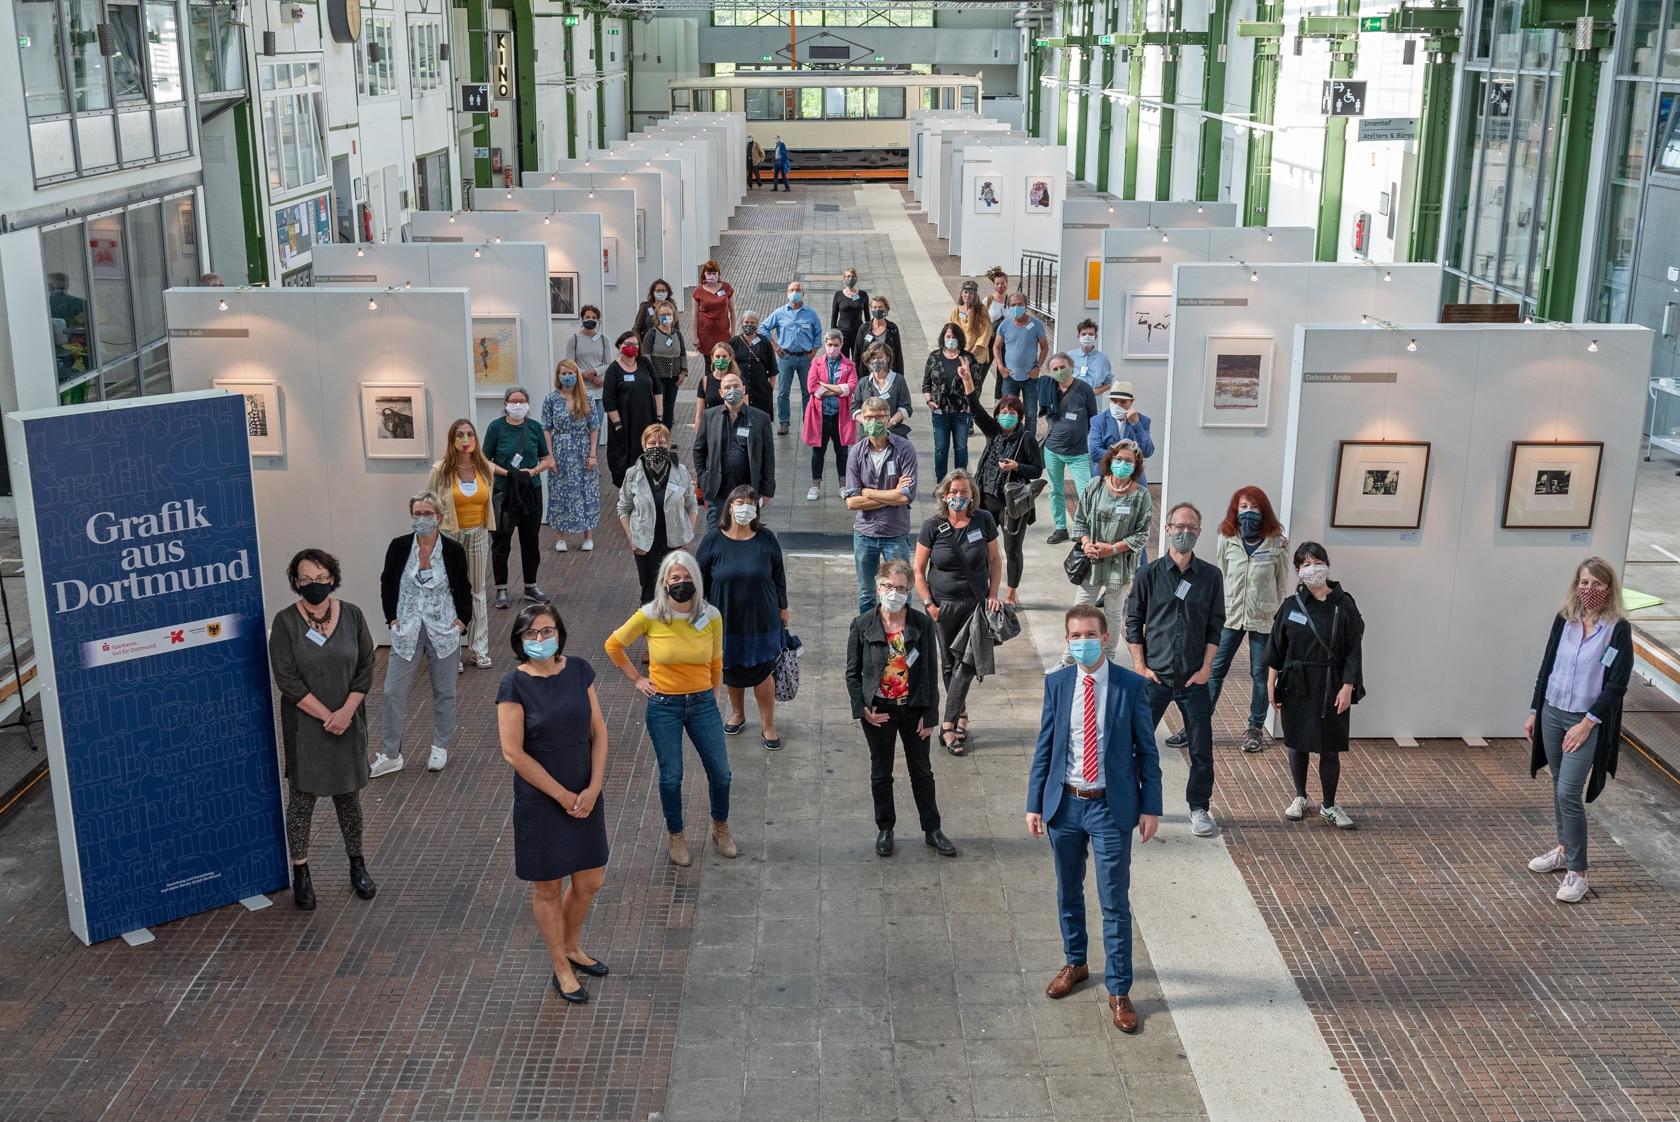 Alle teilnehmenden Künstler*innen in der Ausstellung. (Foto: Roland Gorecki, Dortmund Agentur)